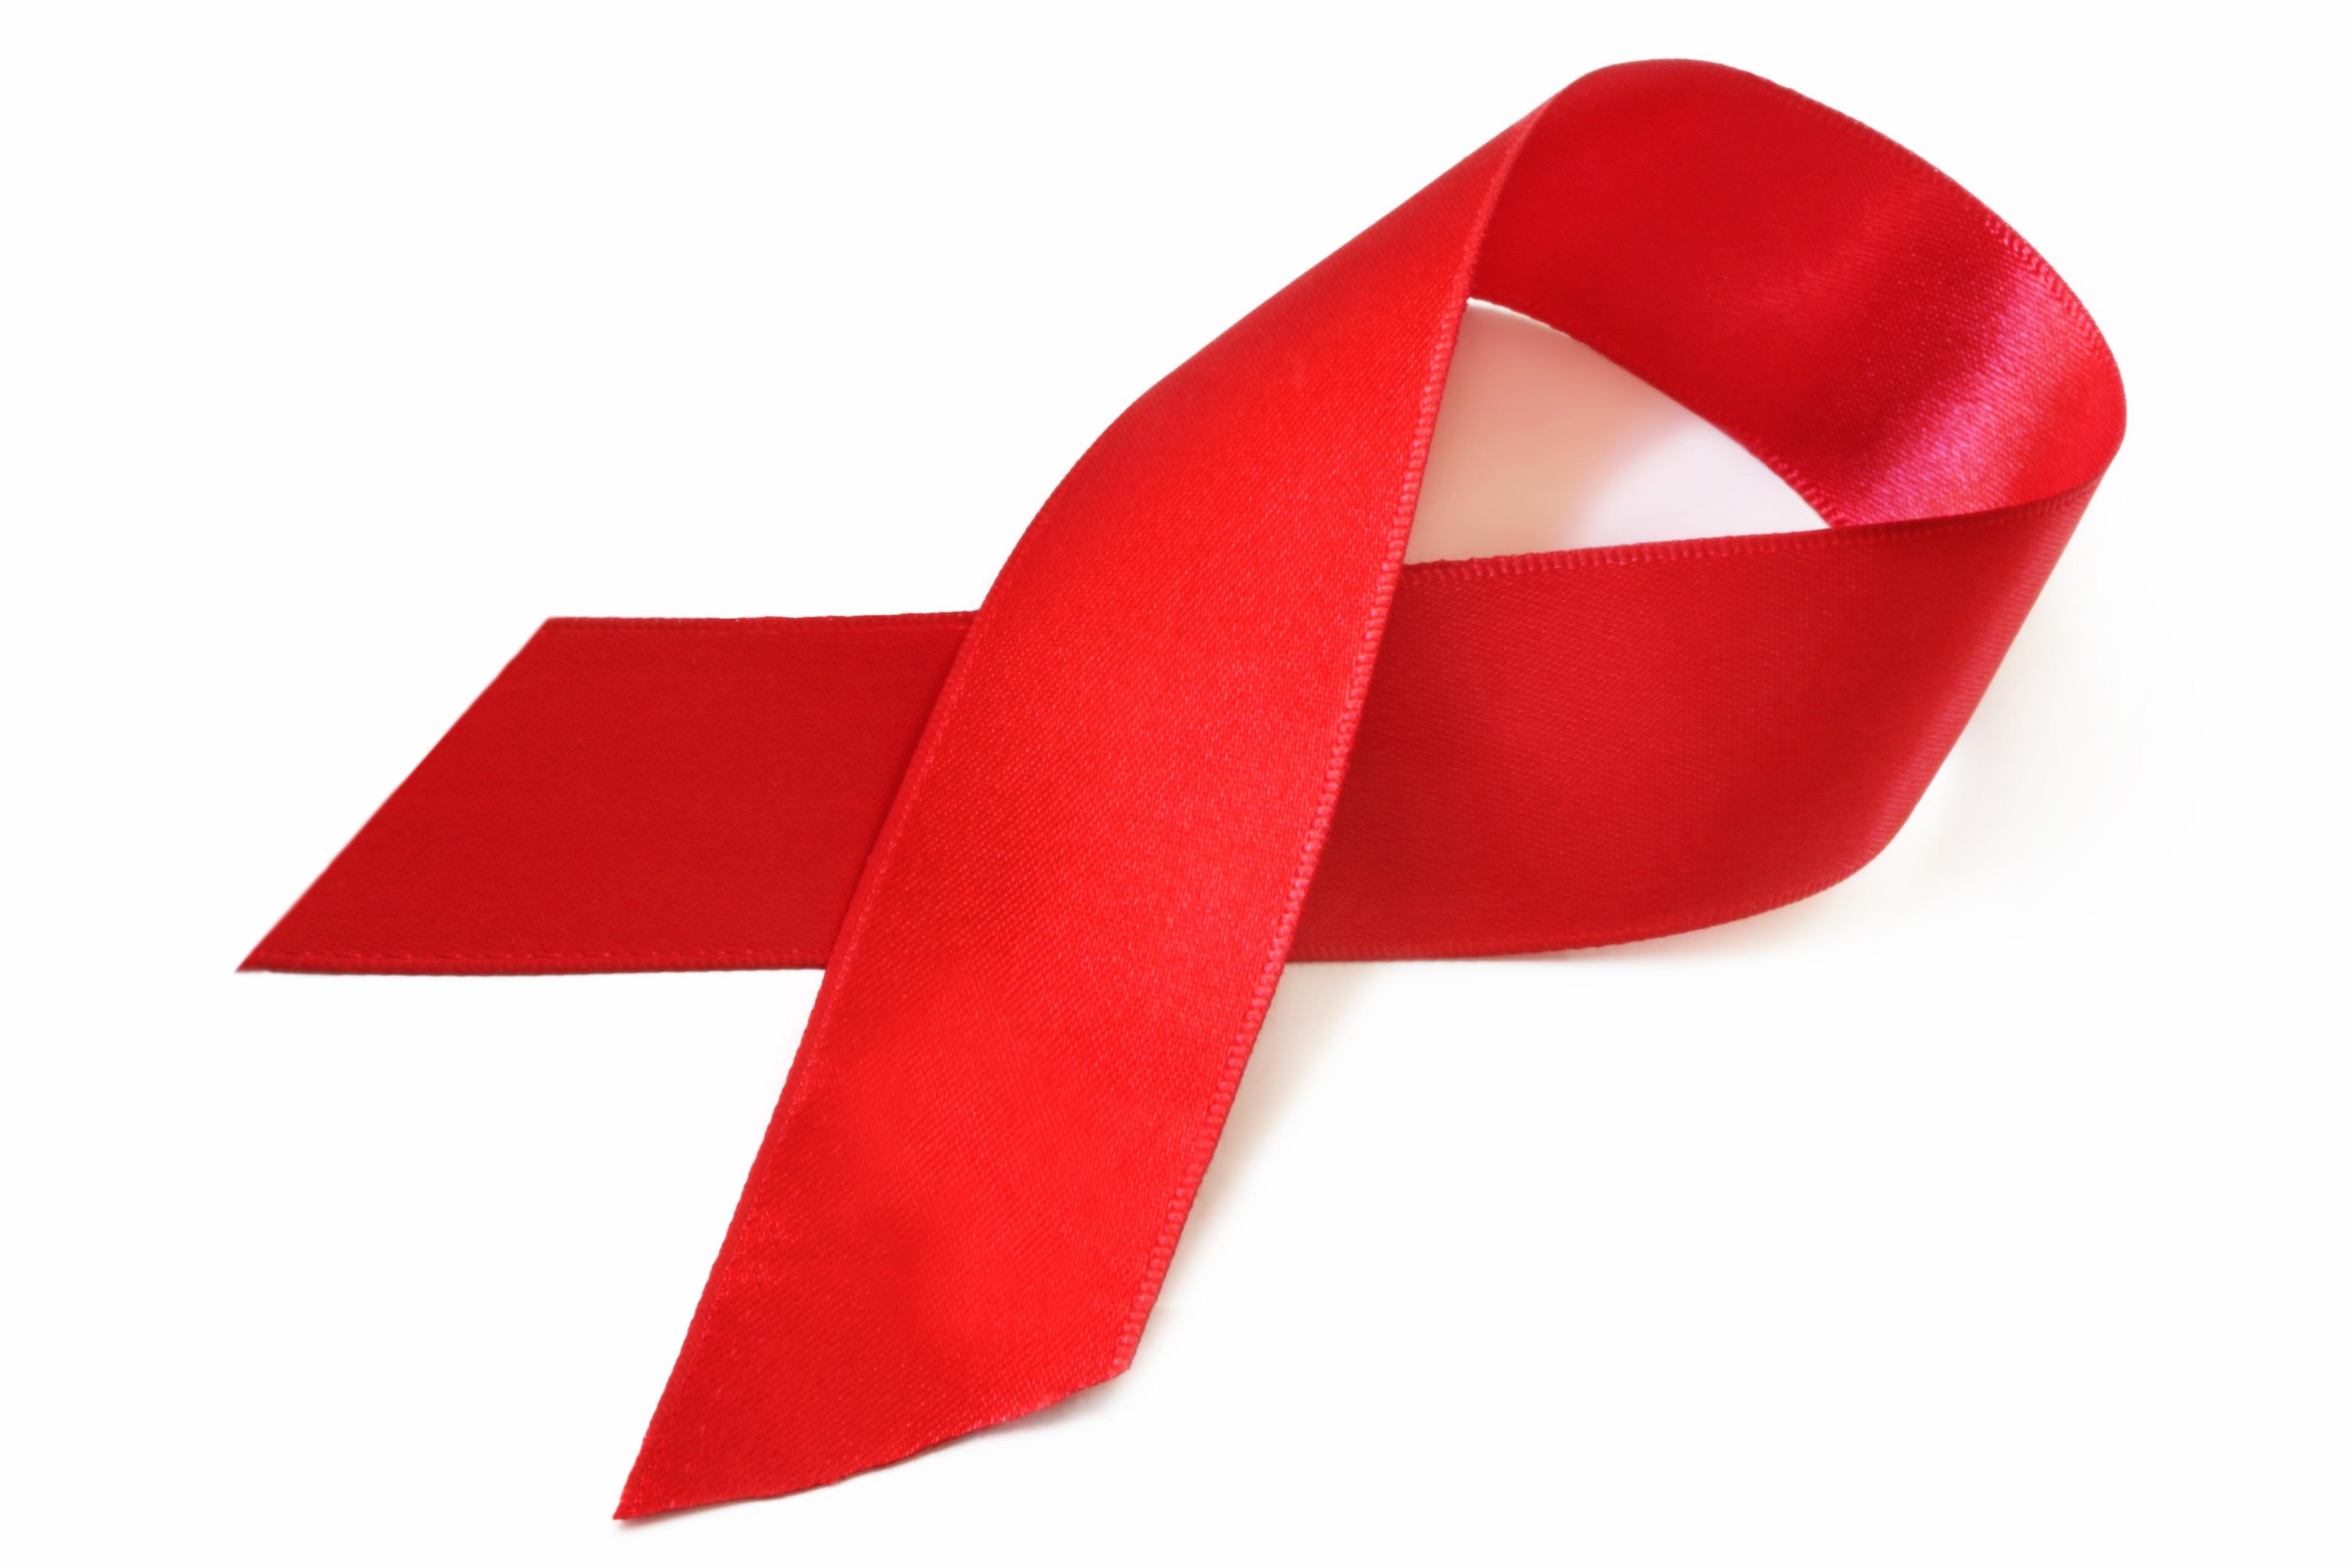 Programas de rádio da Série Ação Mulher – Mulheres contra a Aids